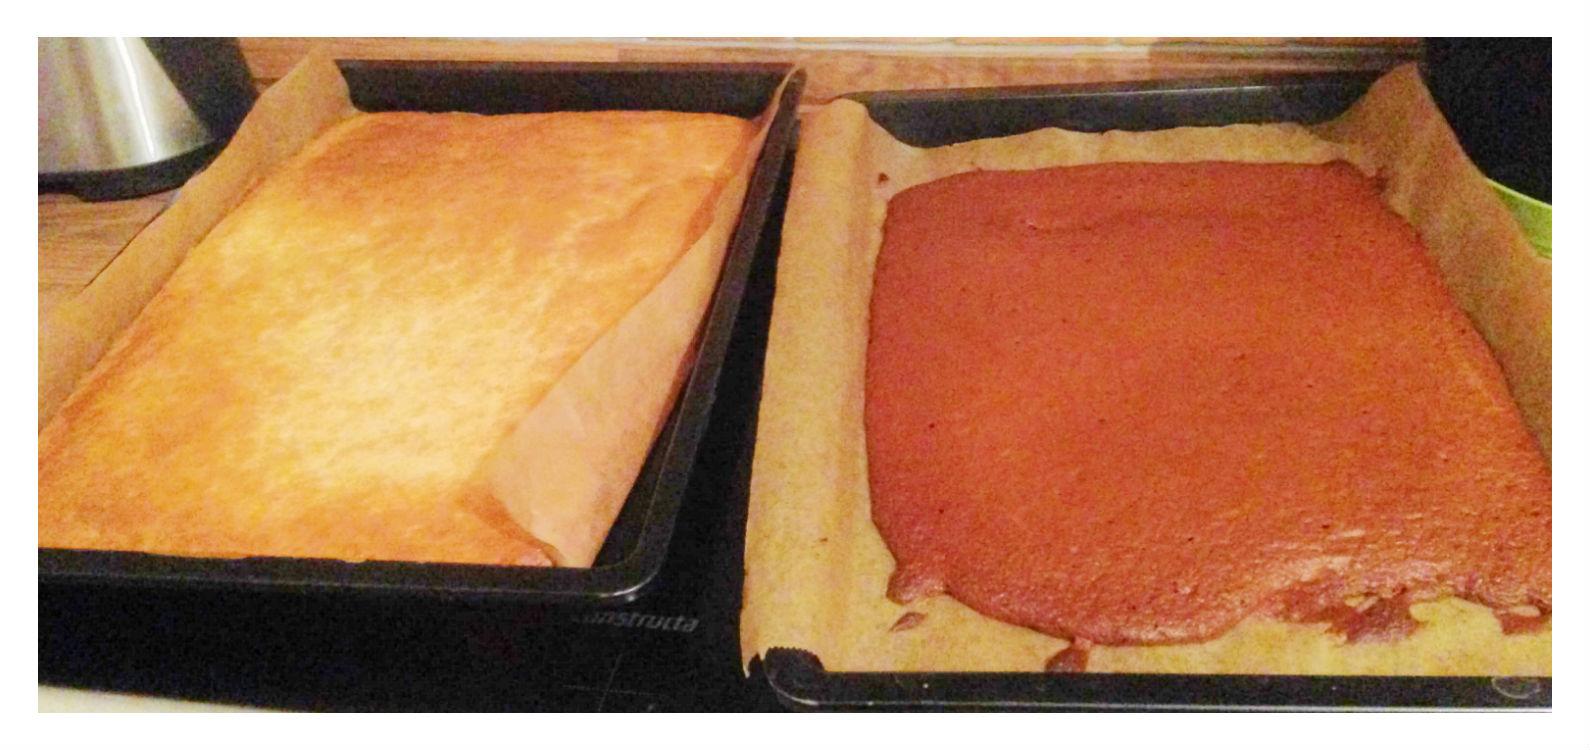 Krümelkuchen - zwei Backbleche mit je einem hellem und dunklem Teig